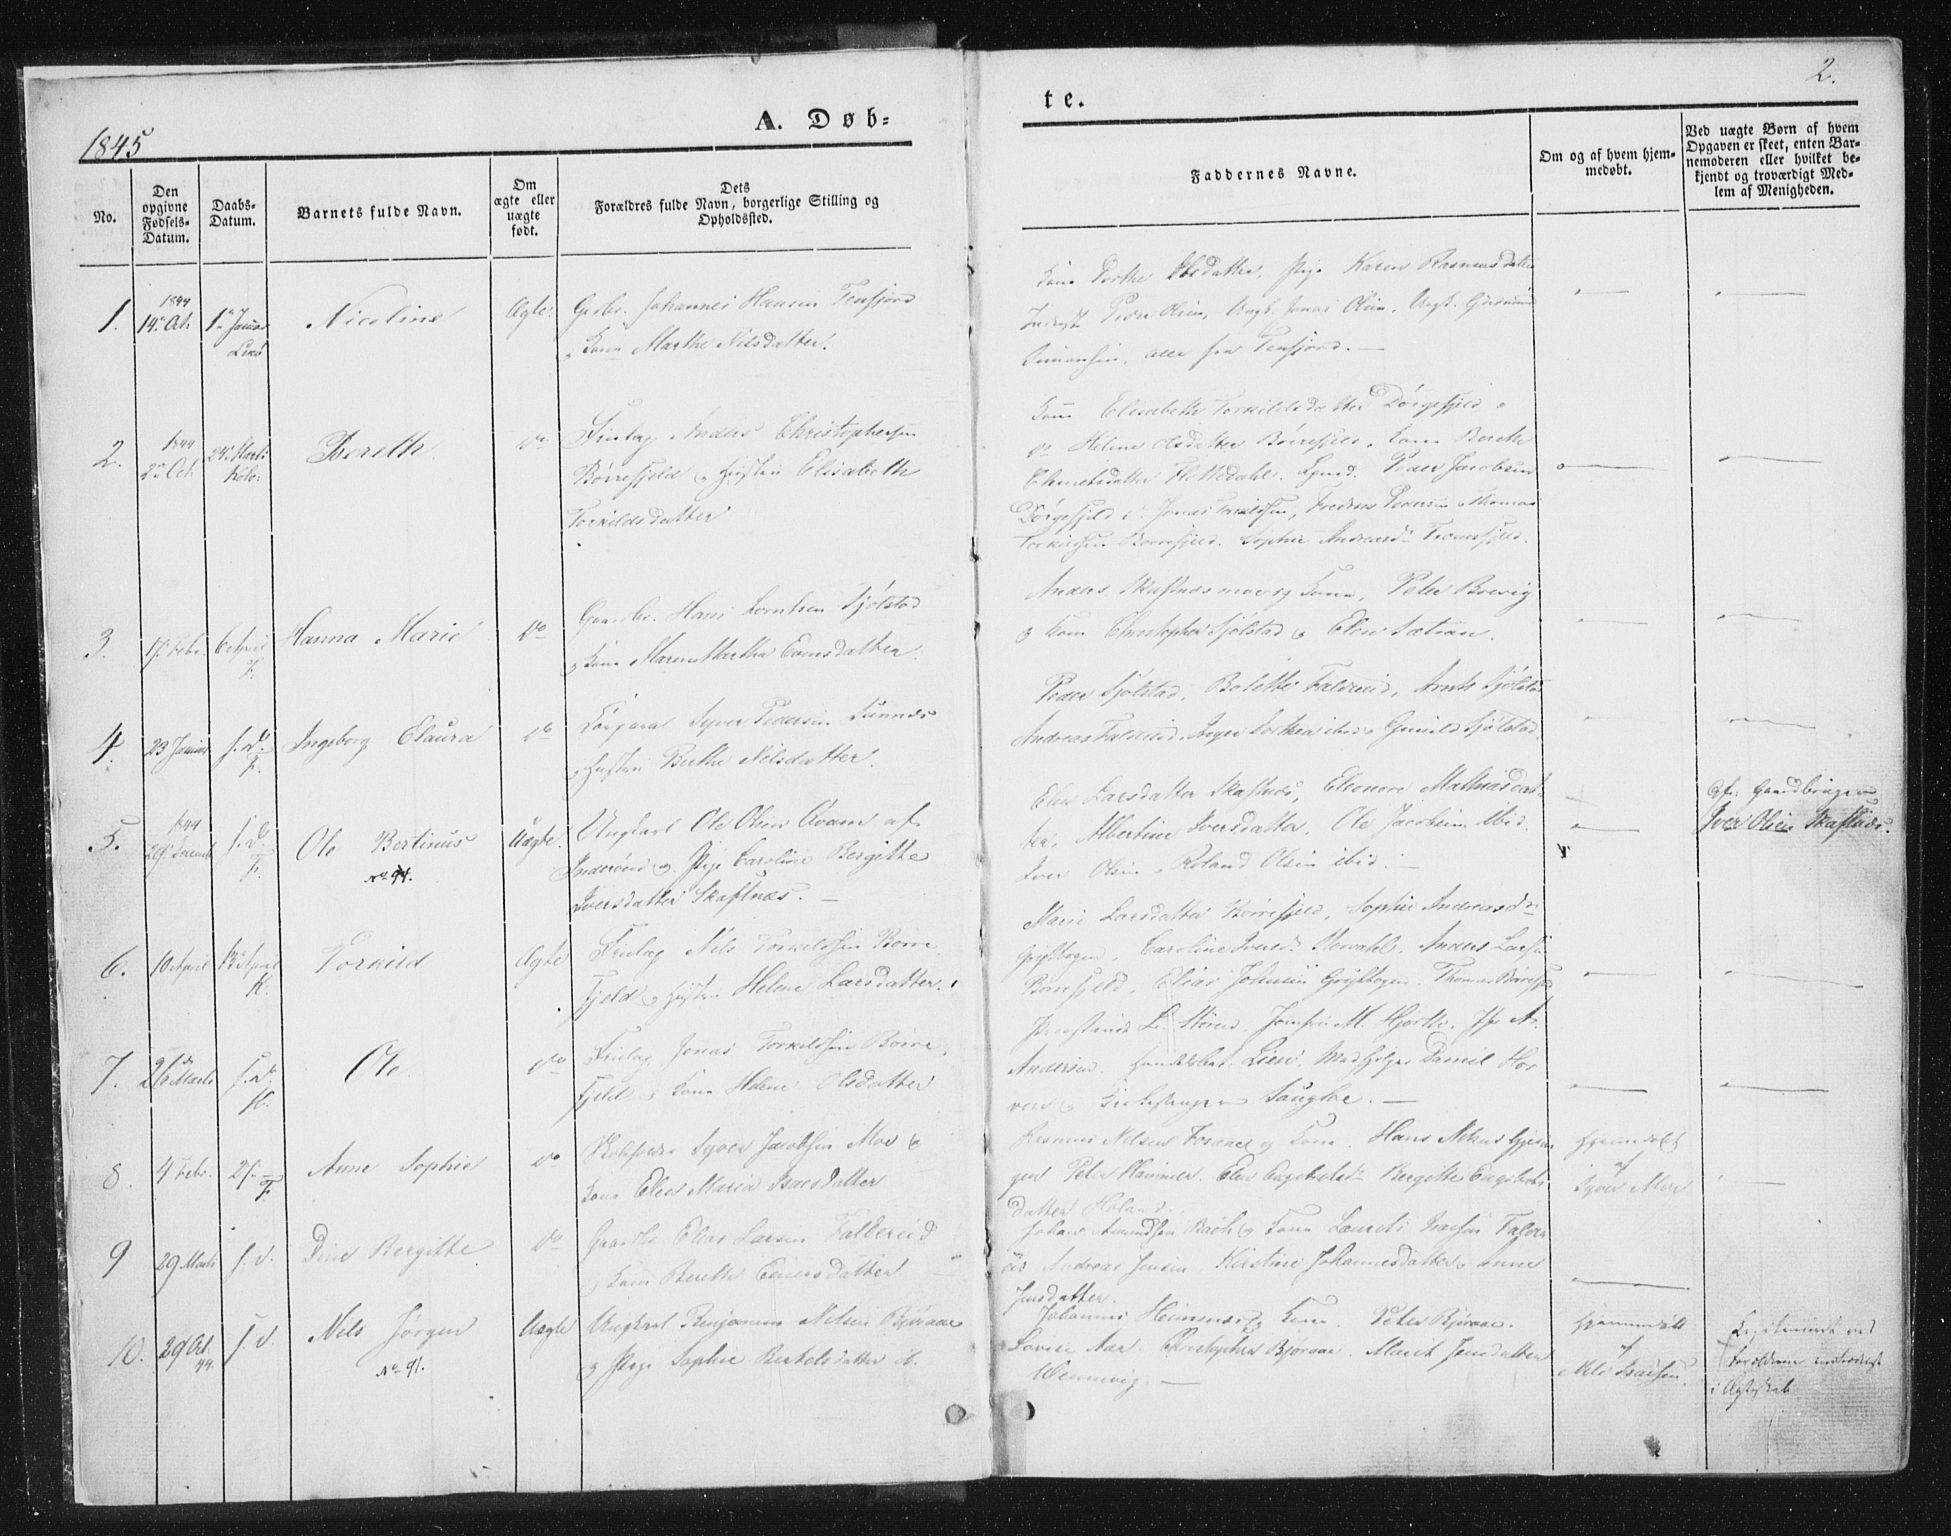 SAT, Ministerialprotokoller, klokkerbøker og fødselsregistre - Nord-Trøndelag, 780/L0640: Ministerialbok nr. 780A05, 1845-1856, s. 2